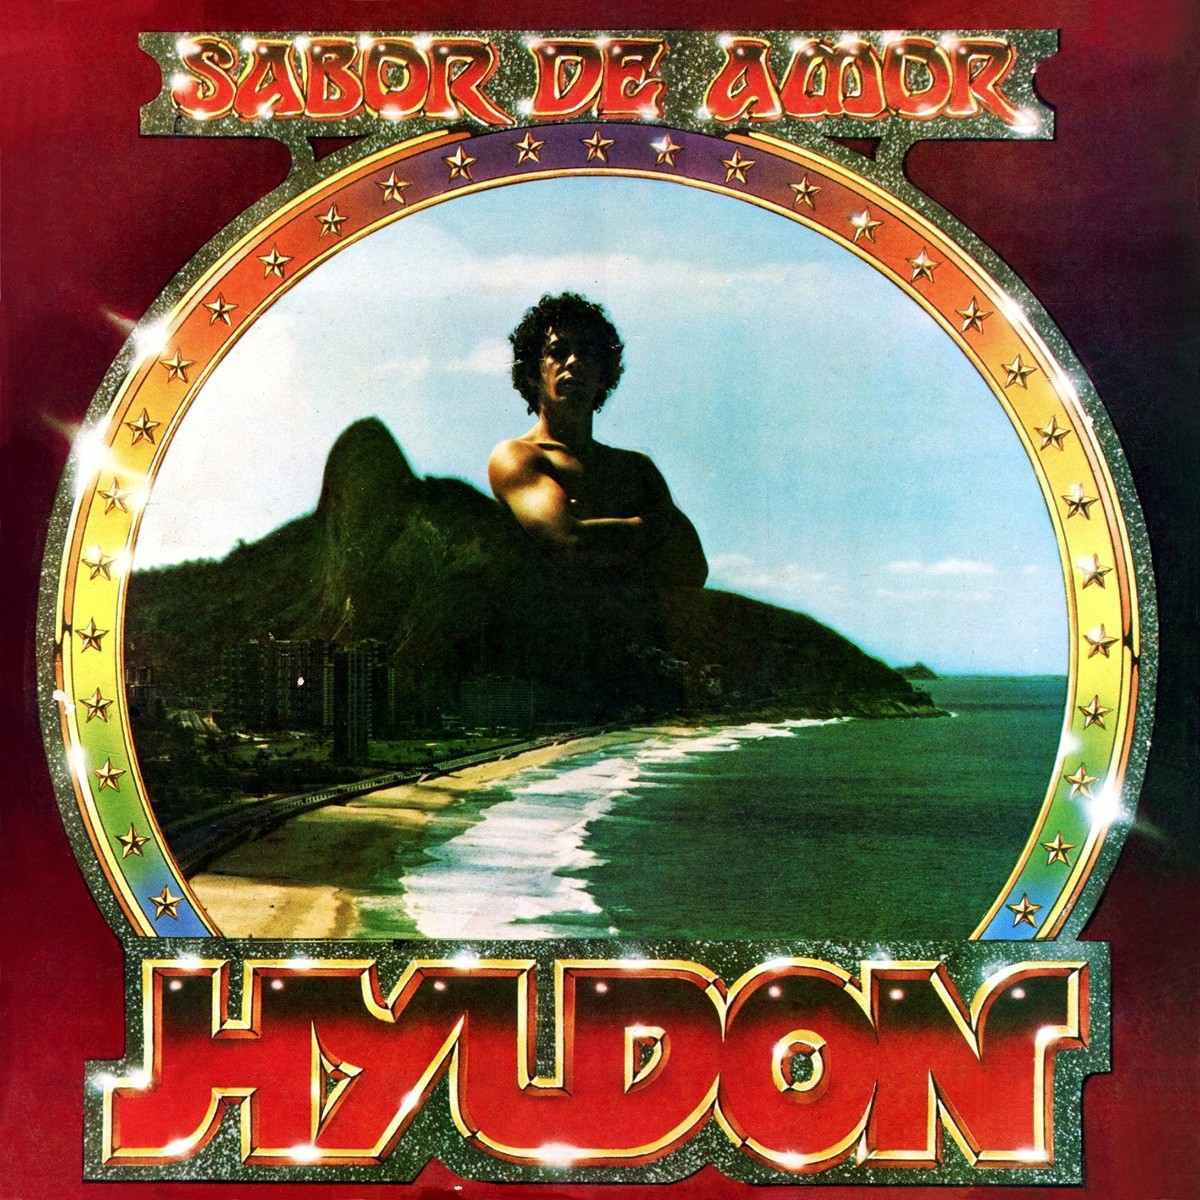 Álbum obscuro de Hyldon, 'Sabor de amor' ganha edição digital 40 anos após o lançamento em 1981